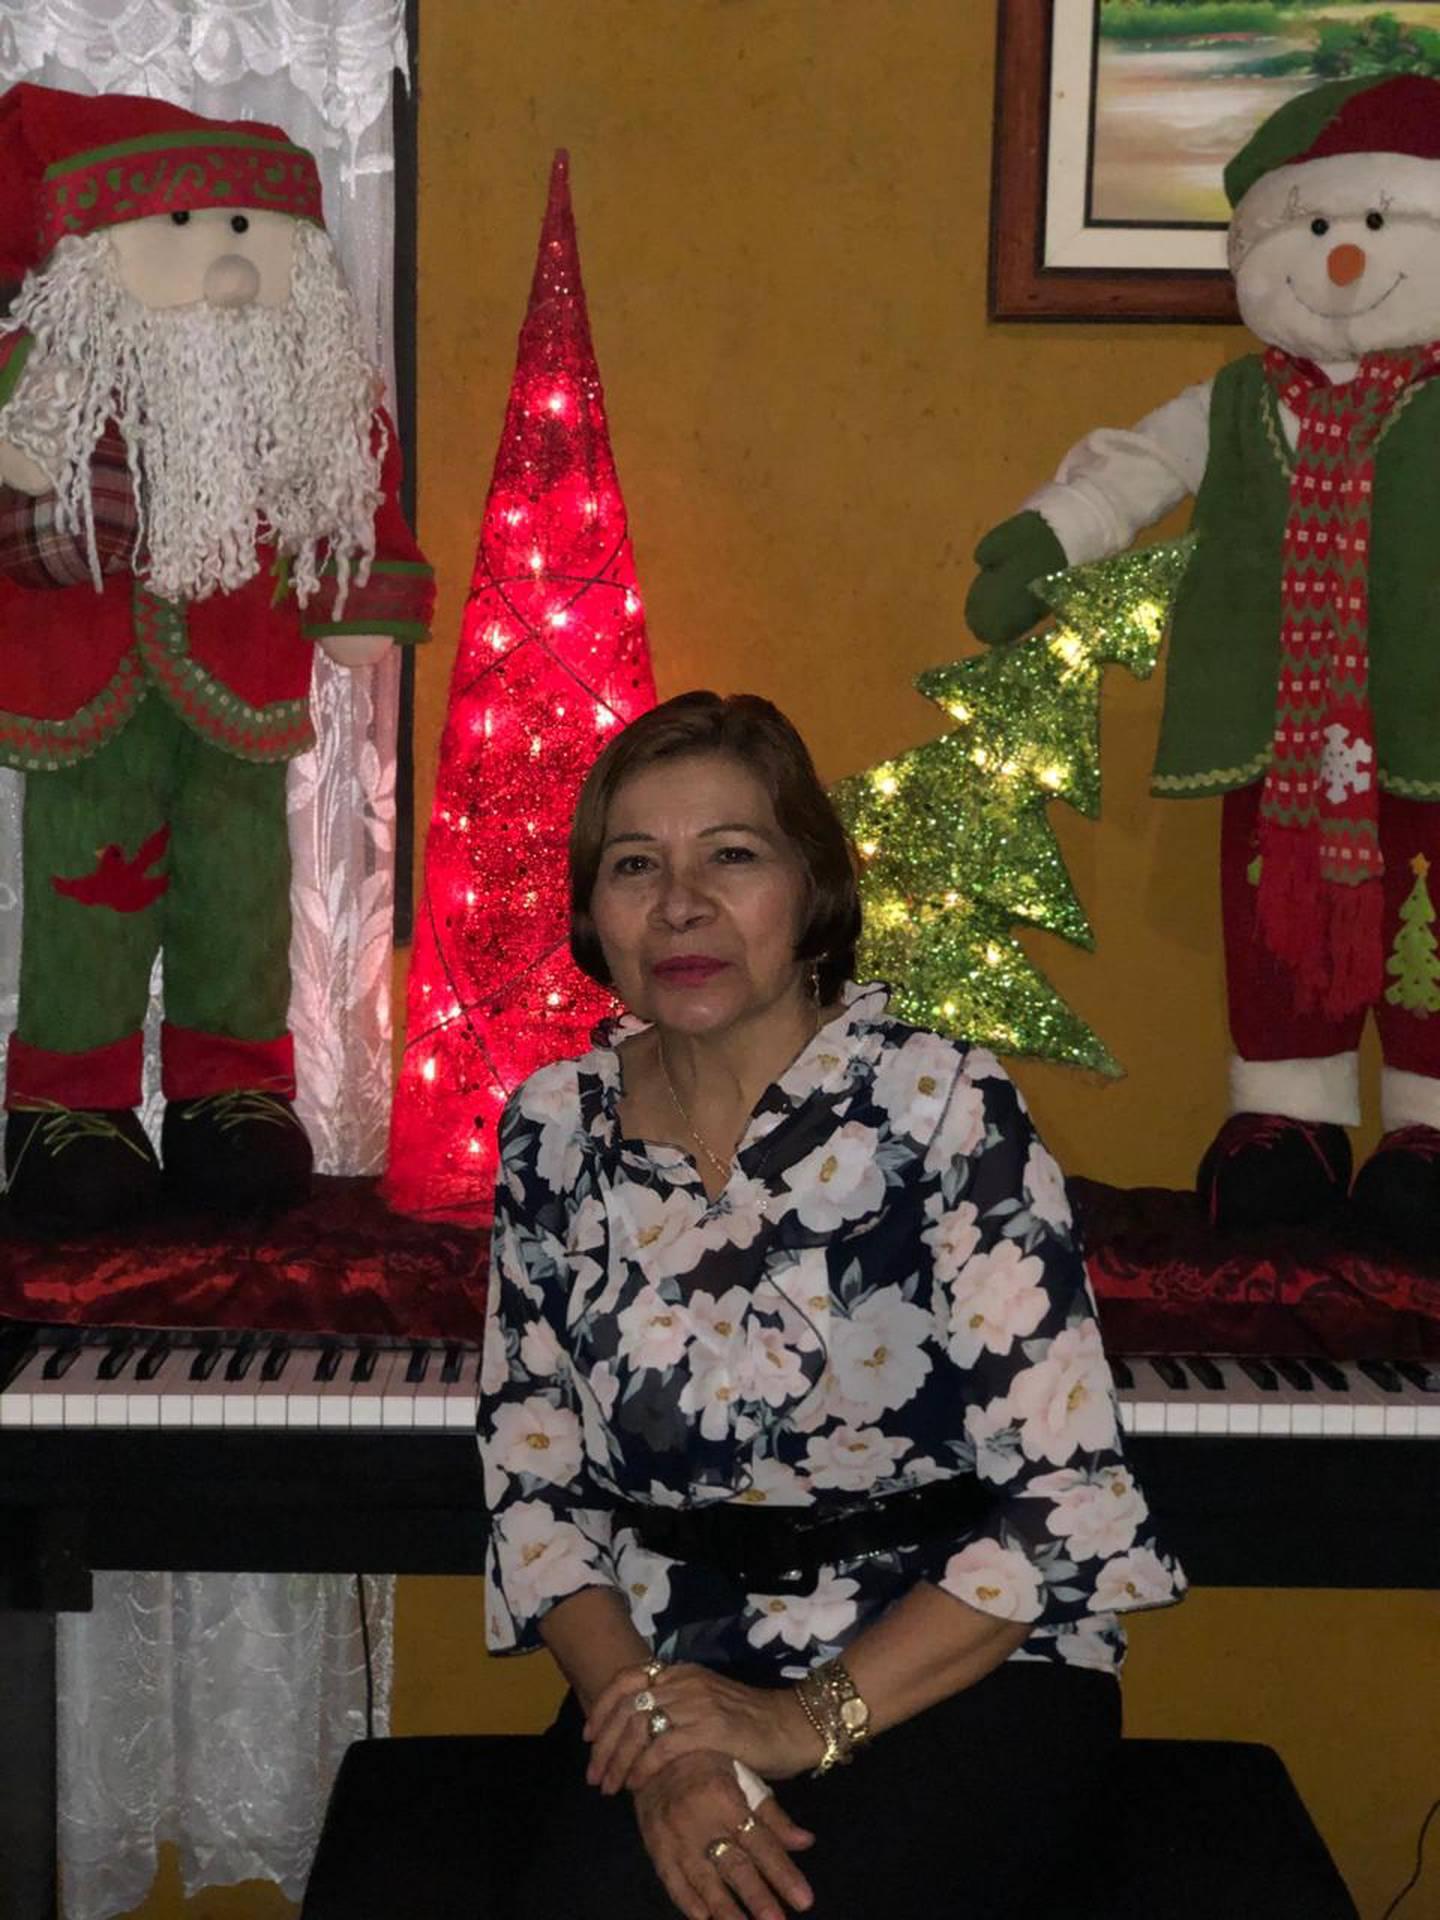 Ana González, quien tiene 63 años y vive en San Antonio de Desamparados, que ella tenía las banderas y escudos de Costa Rica adornando la parte de afuera de la casa, pero por dentro ya todo era navideño.